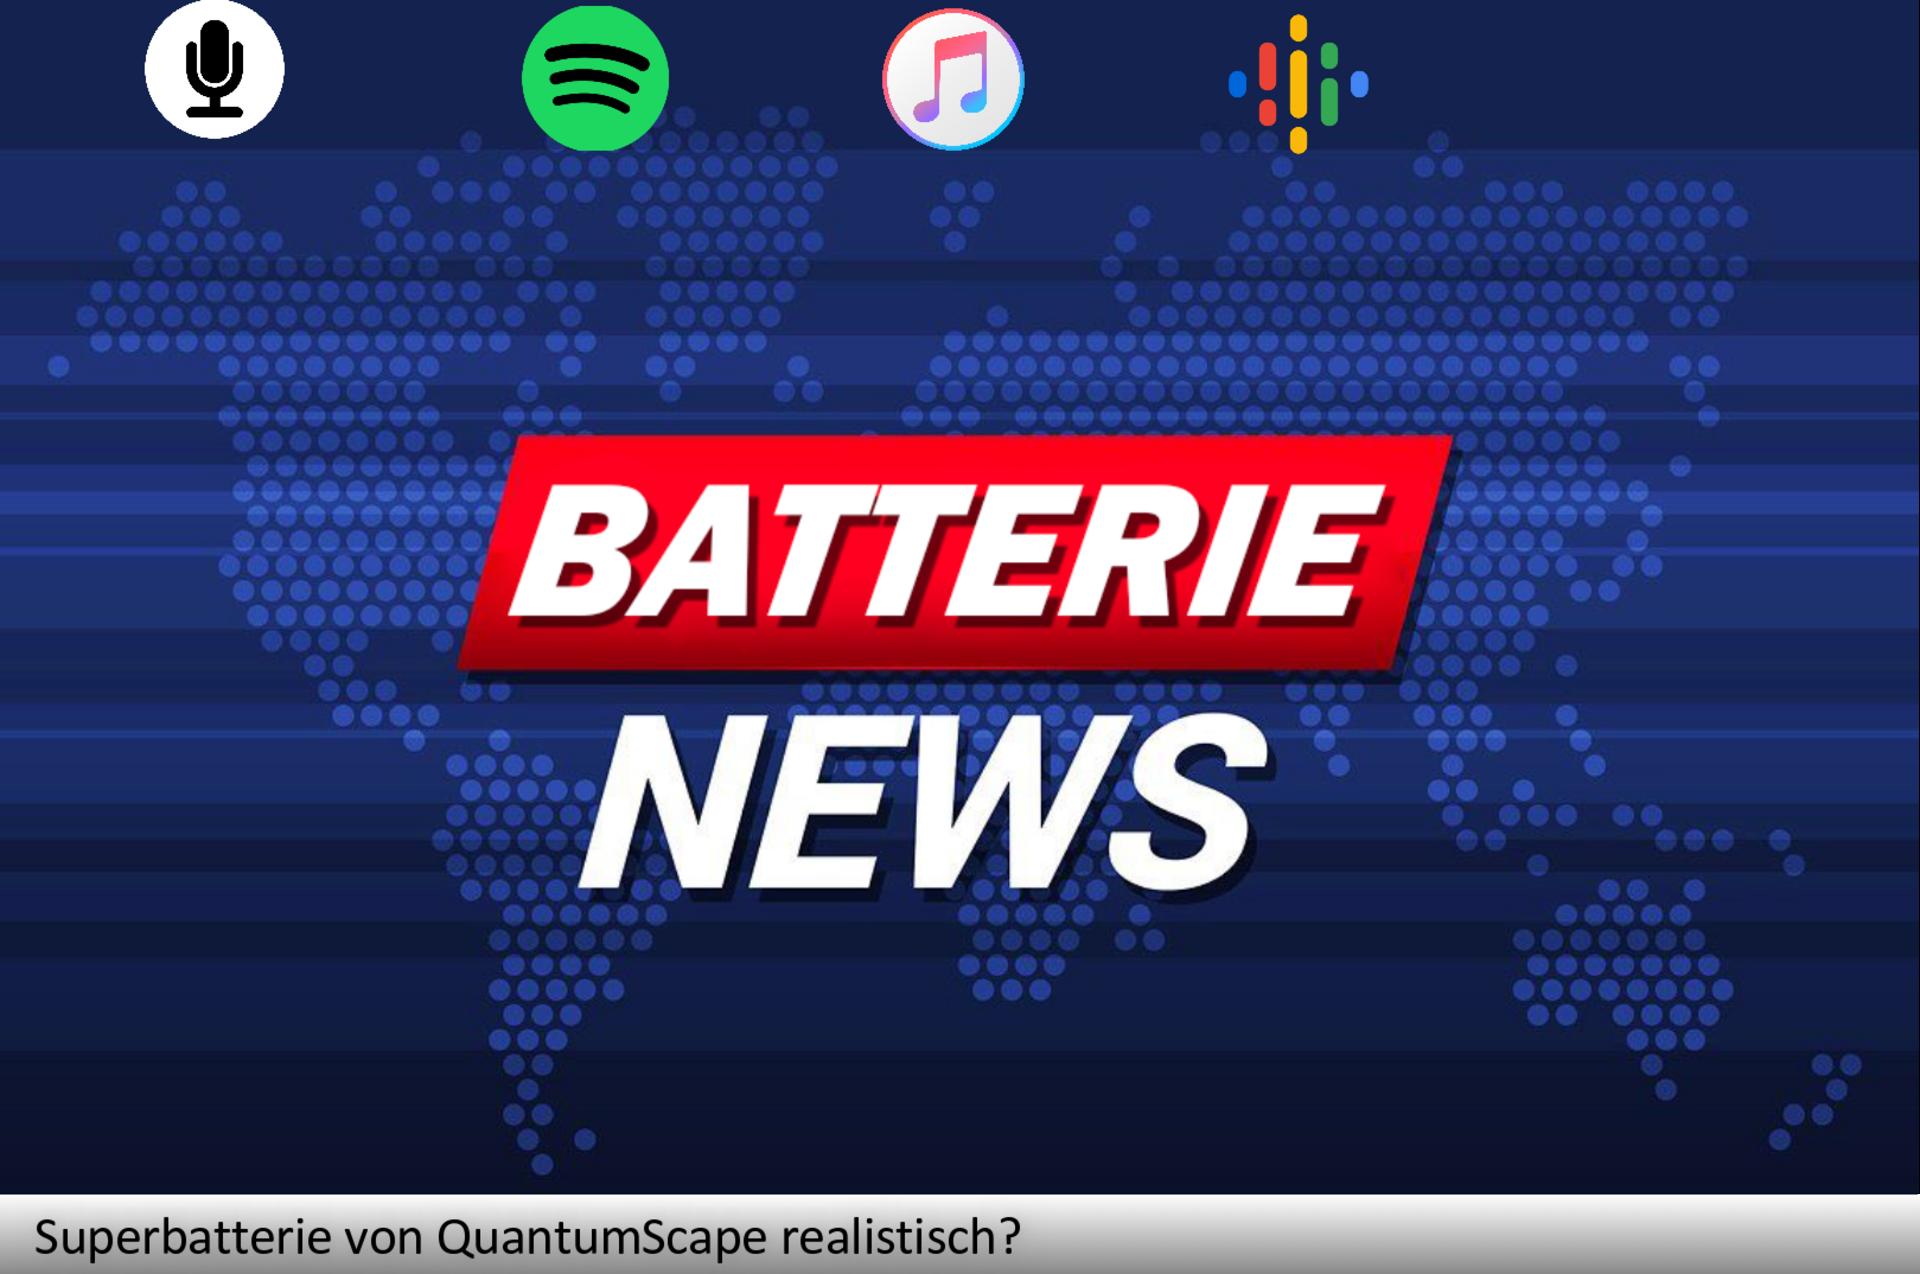 Die Superbatterie von QuantumScape